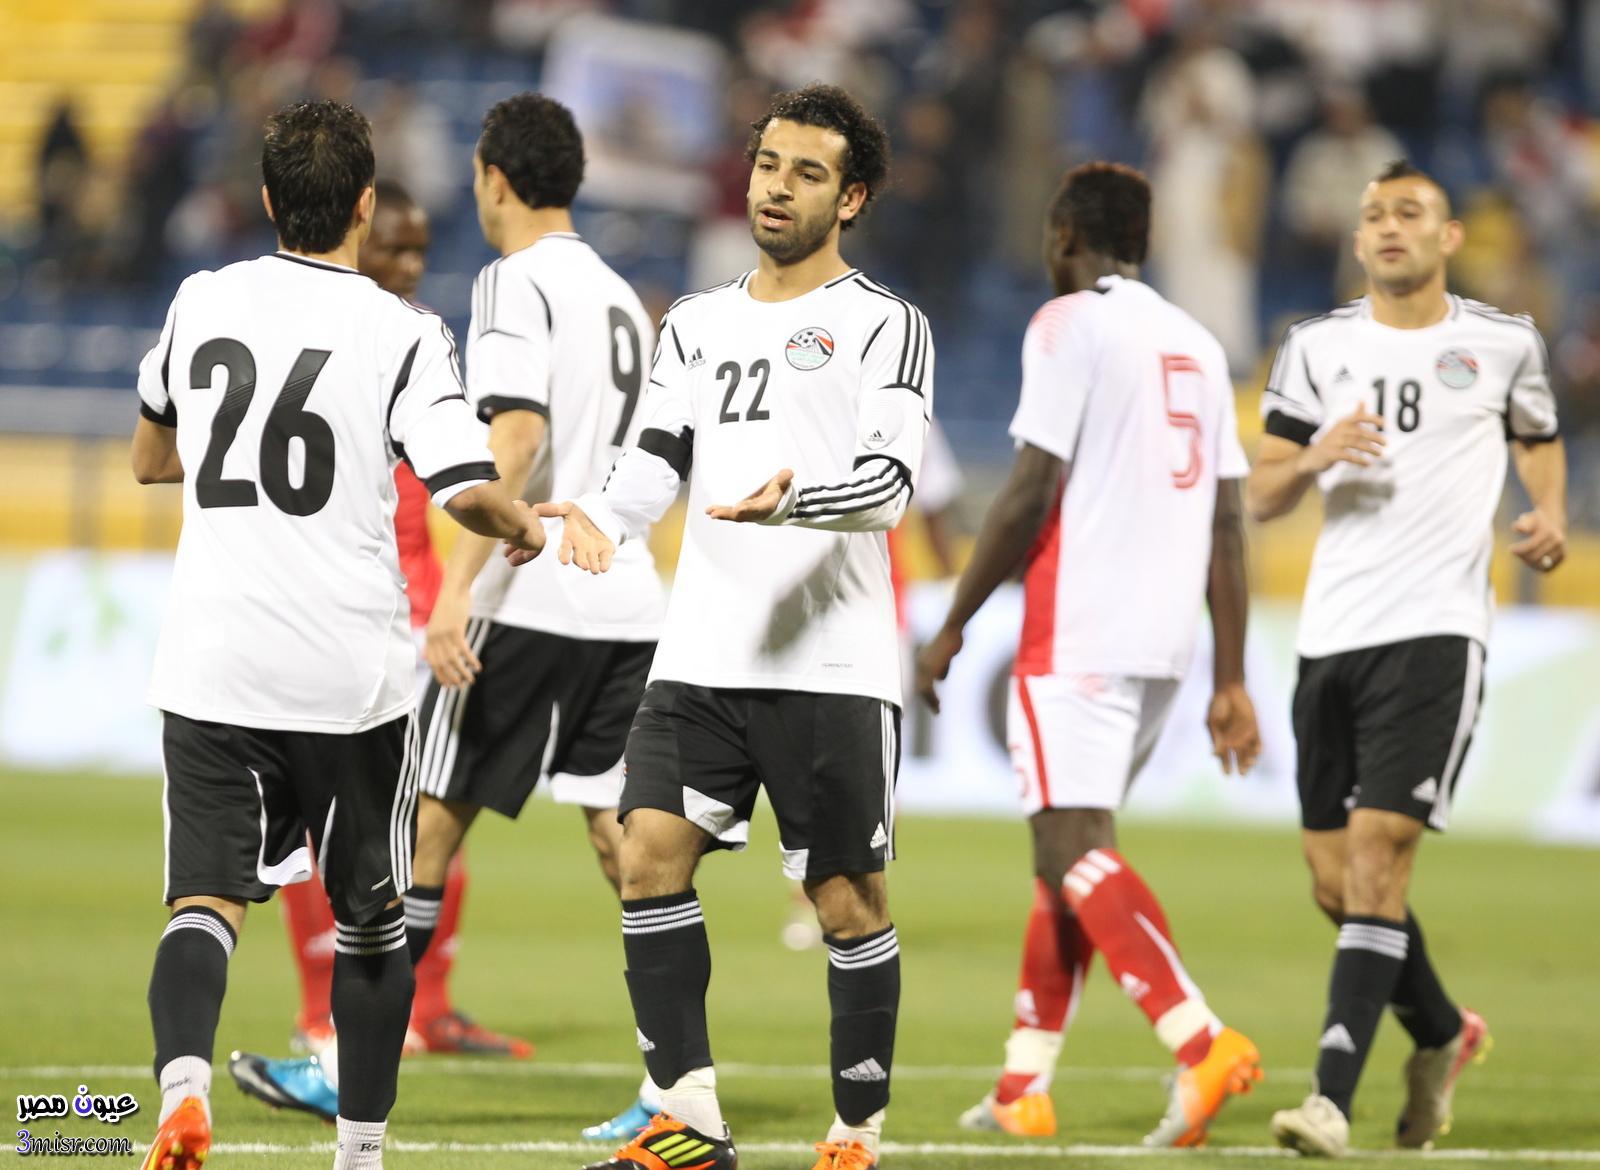 مباراة منتخب مصر وزامبيا اليوم